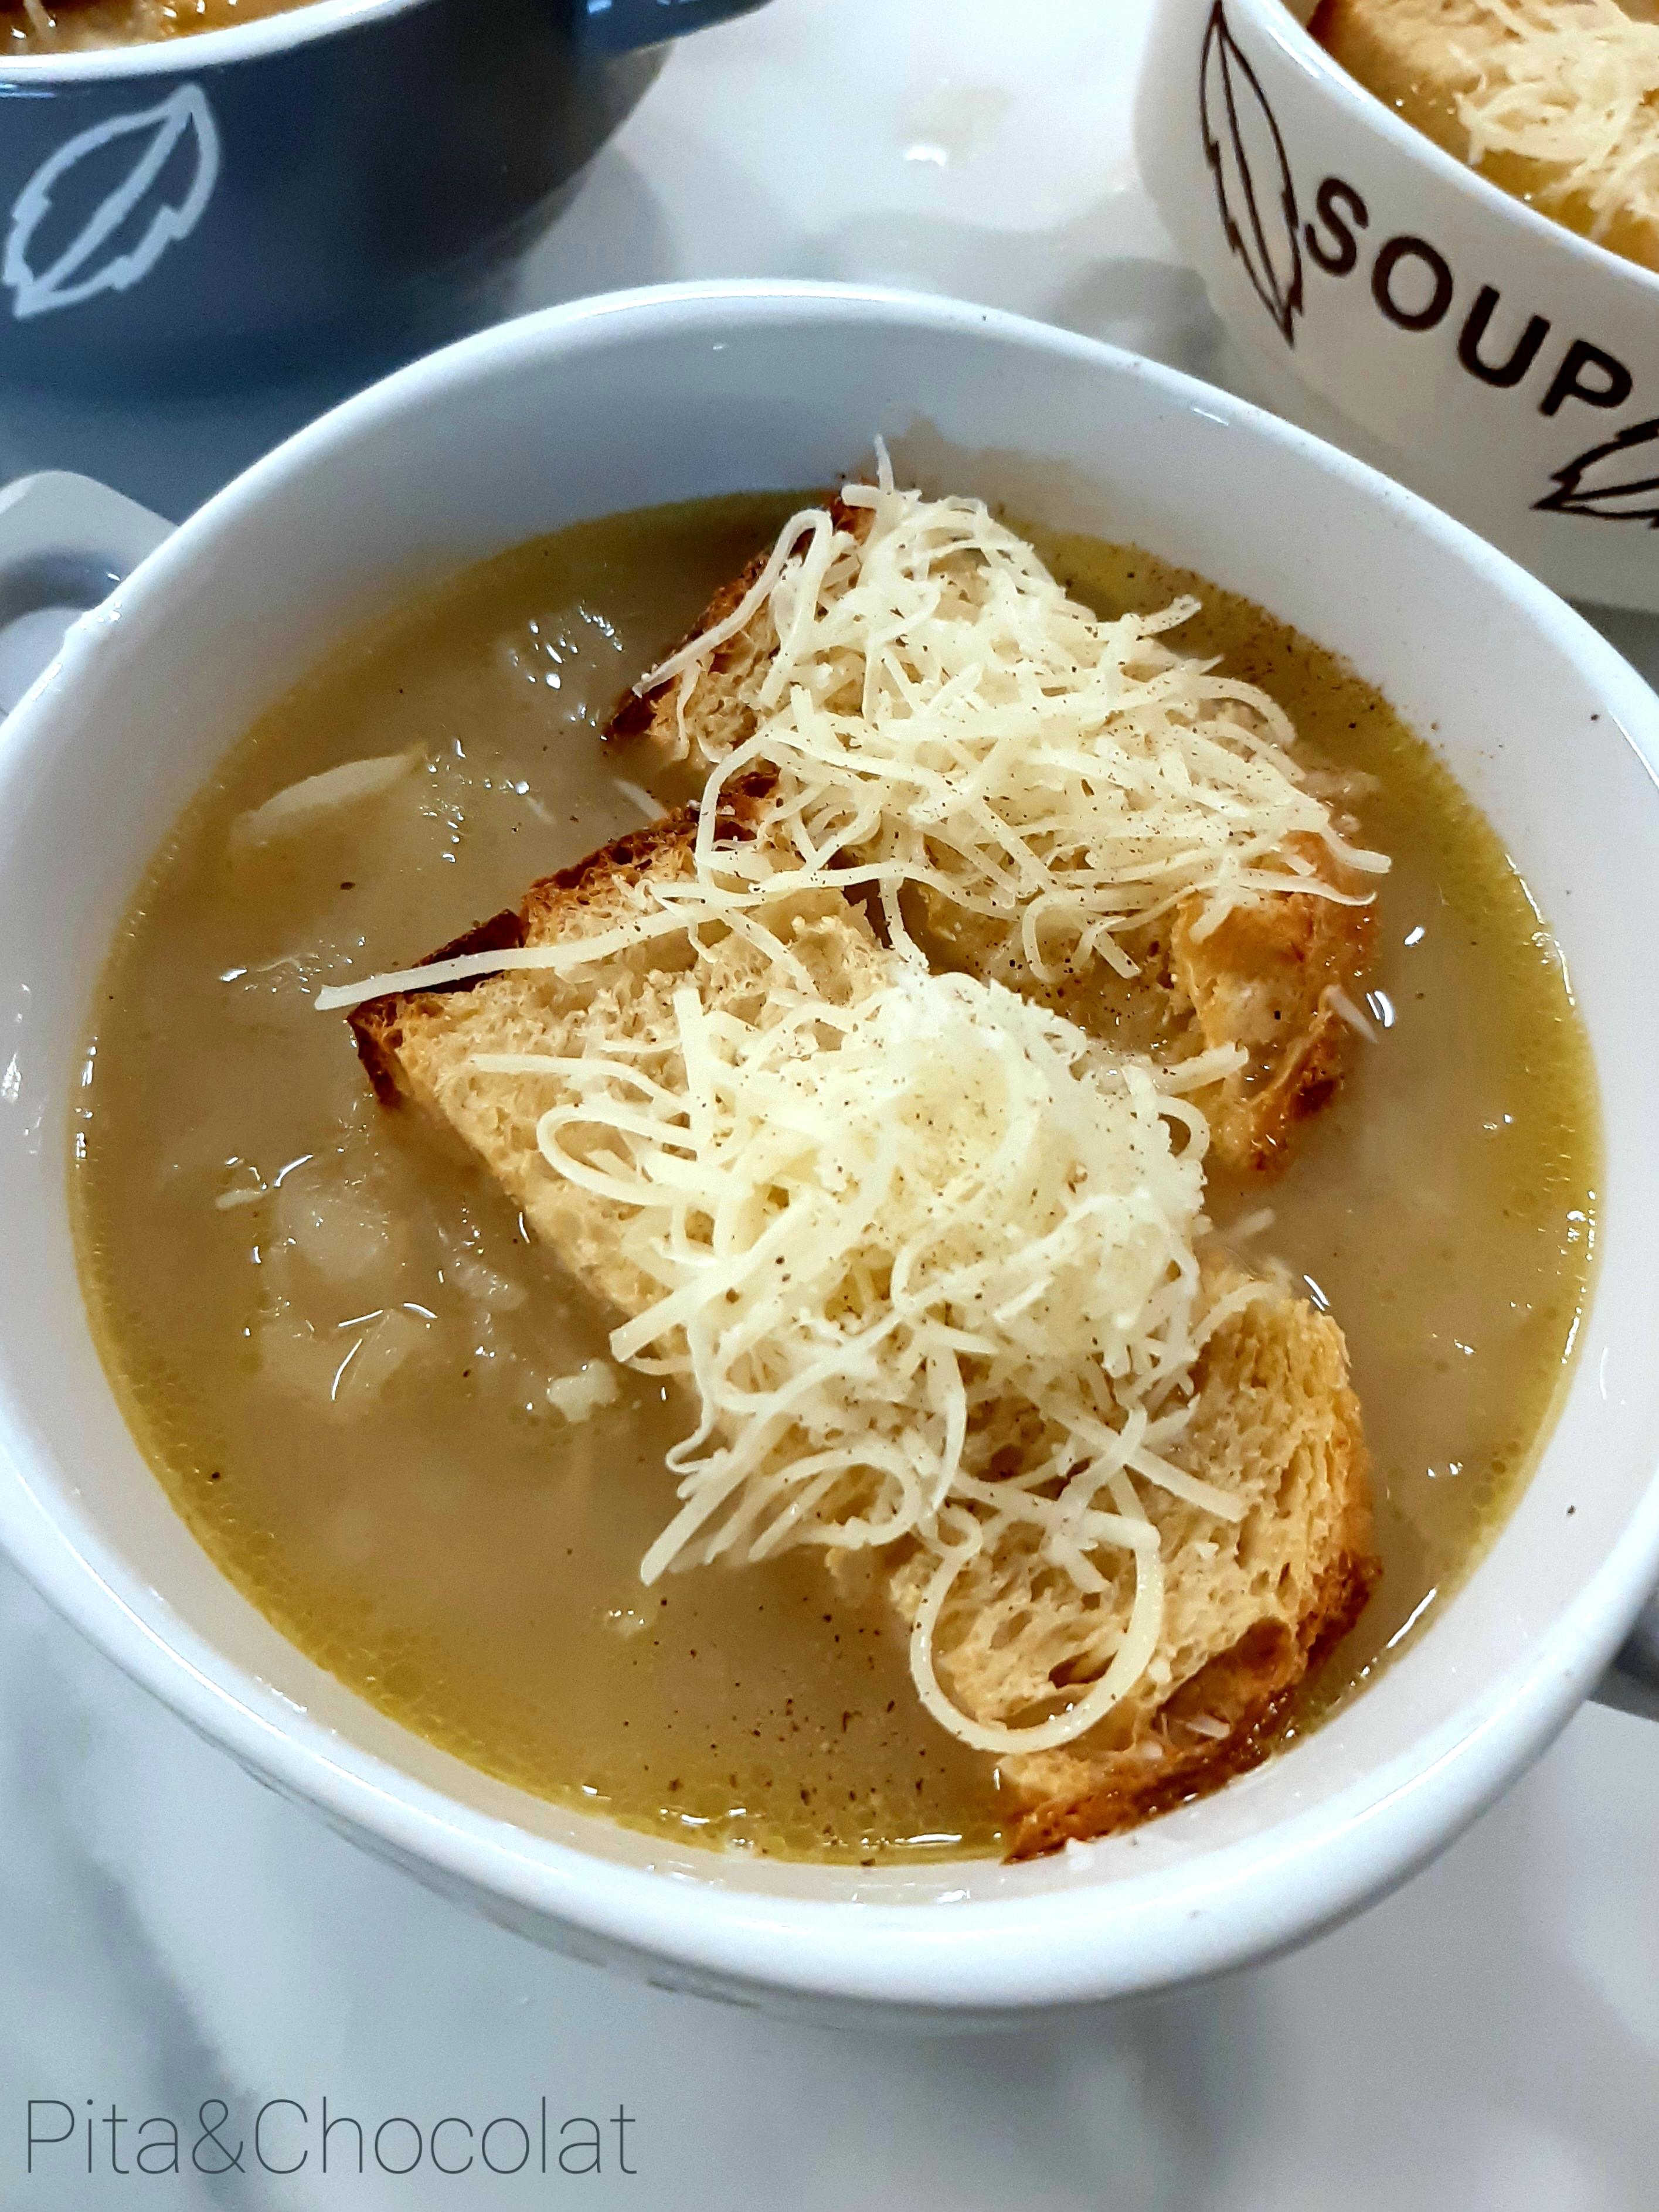 La soupe à l'oignon traditionnelle